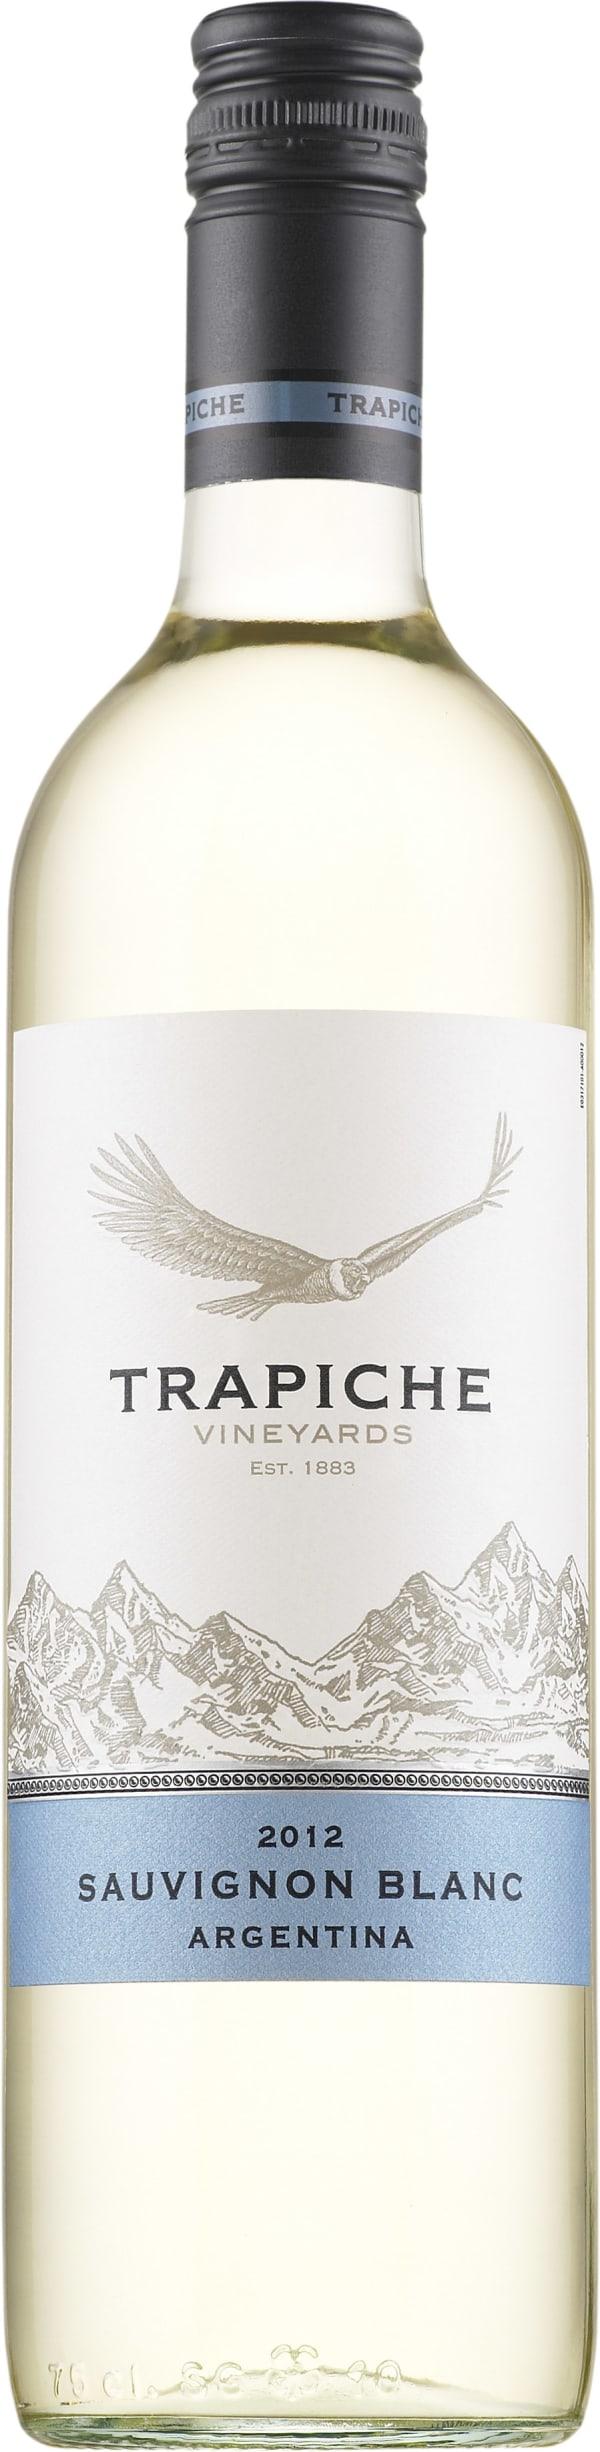 Trapiche Sauvignon Blanc 2017